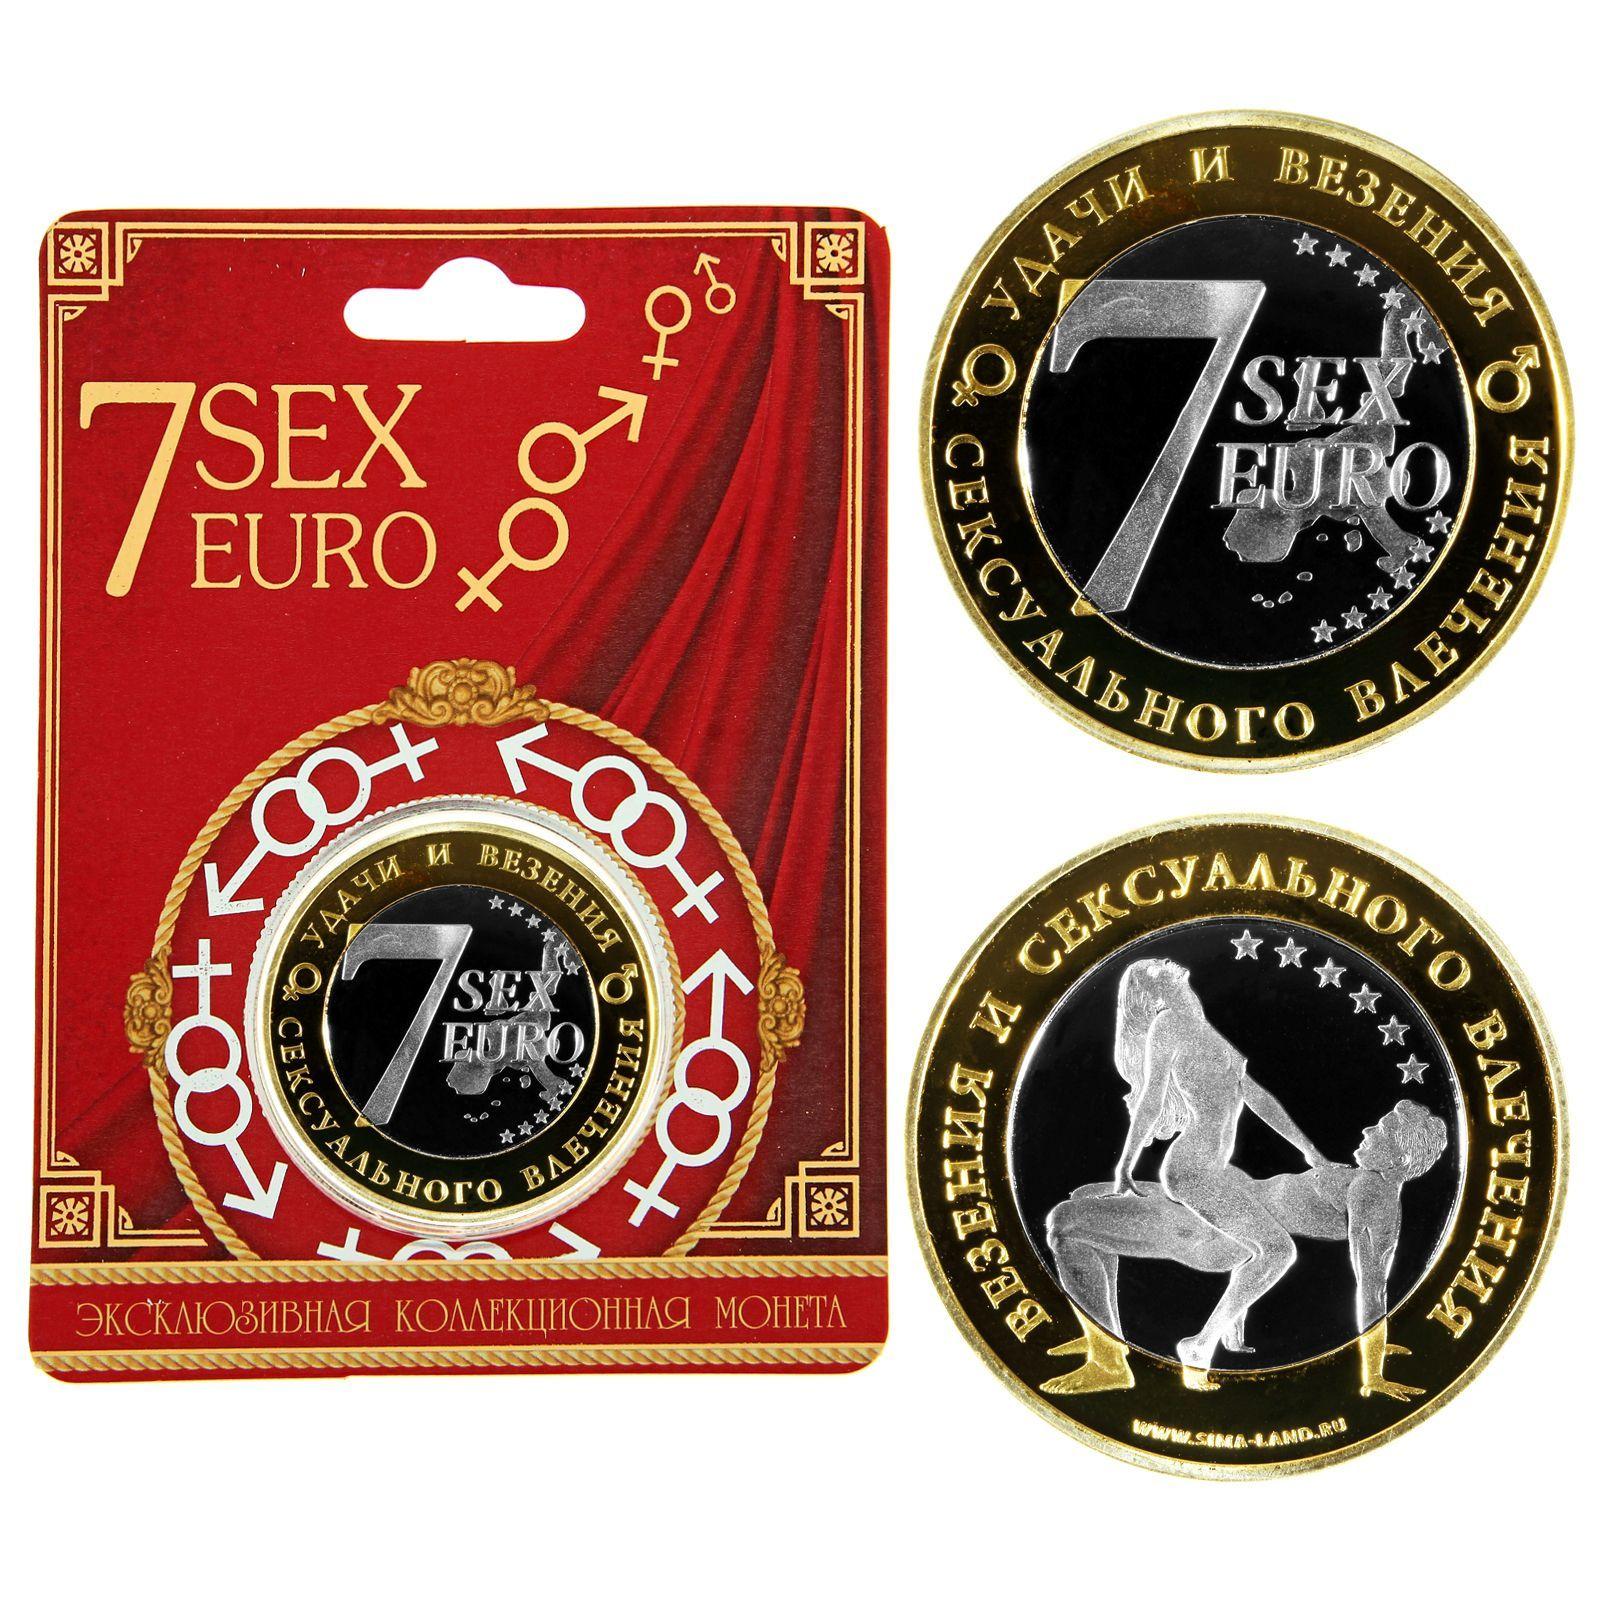 Евро ру секс